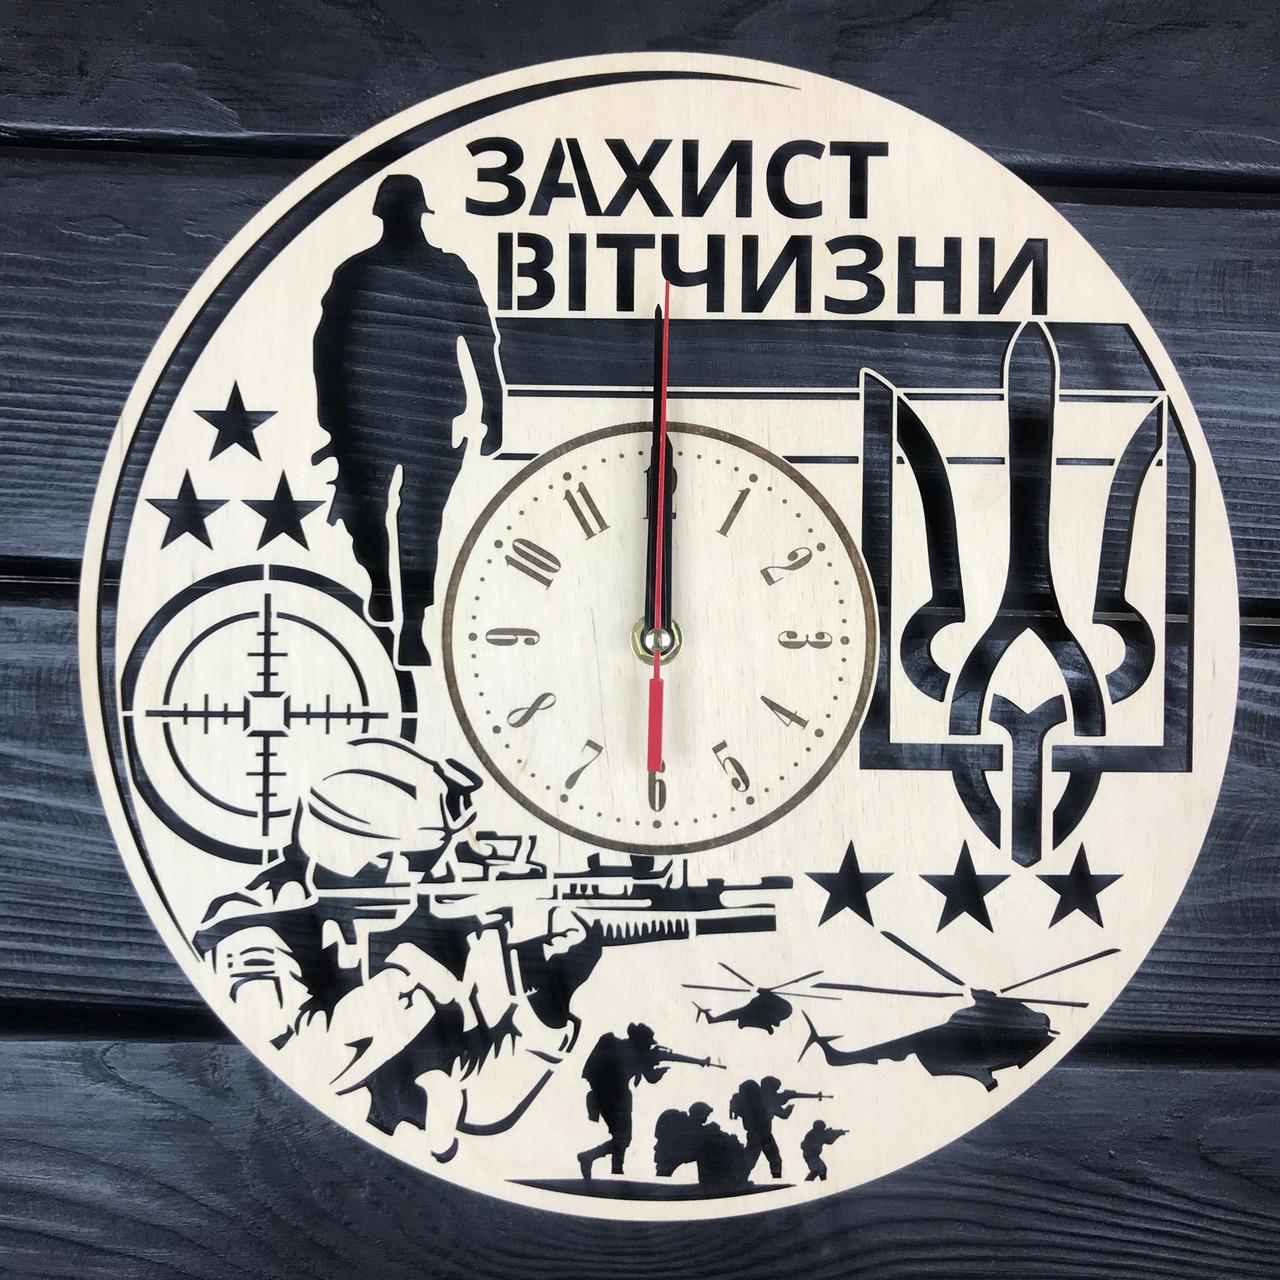 Тематические настенные часы «Защита Отечества»